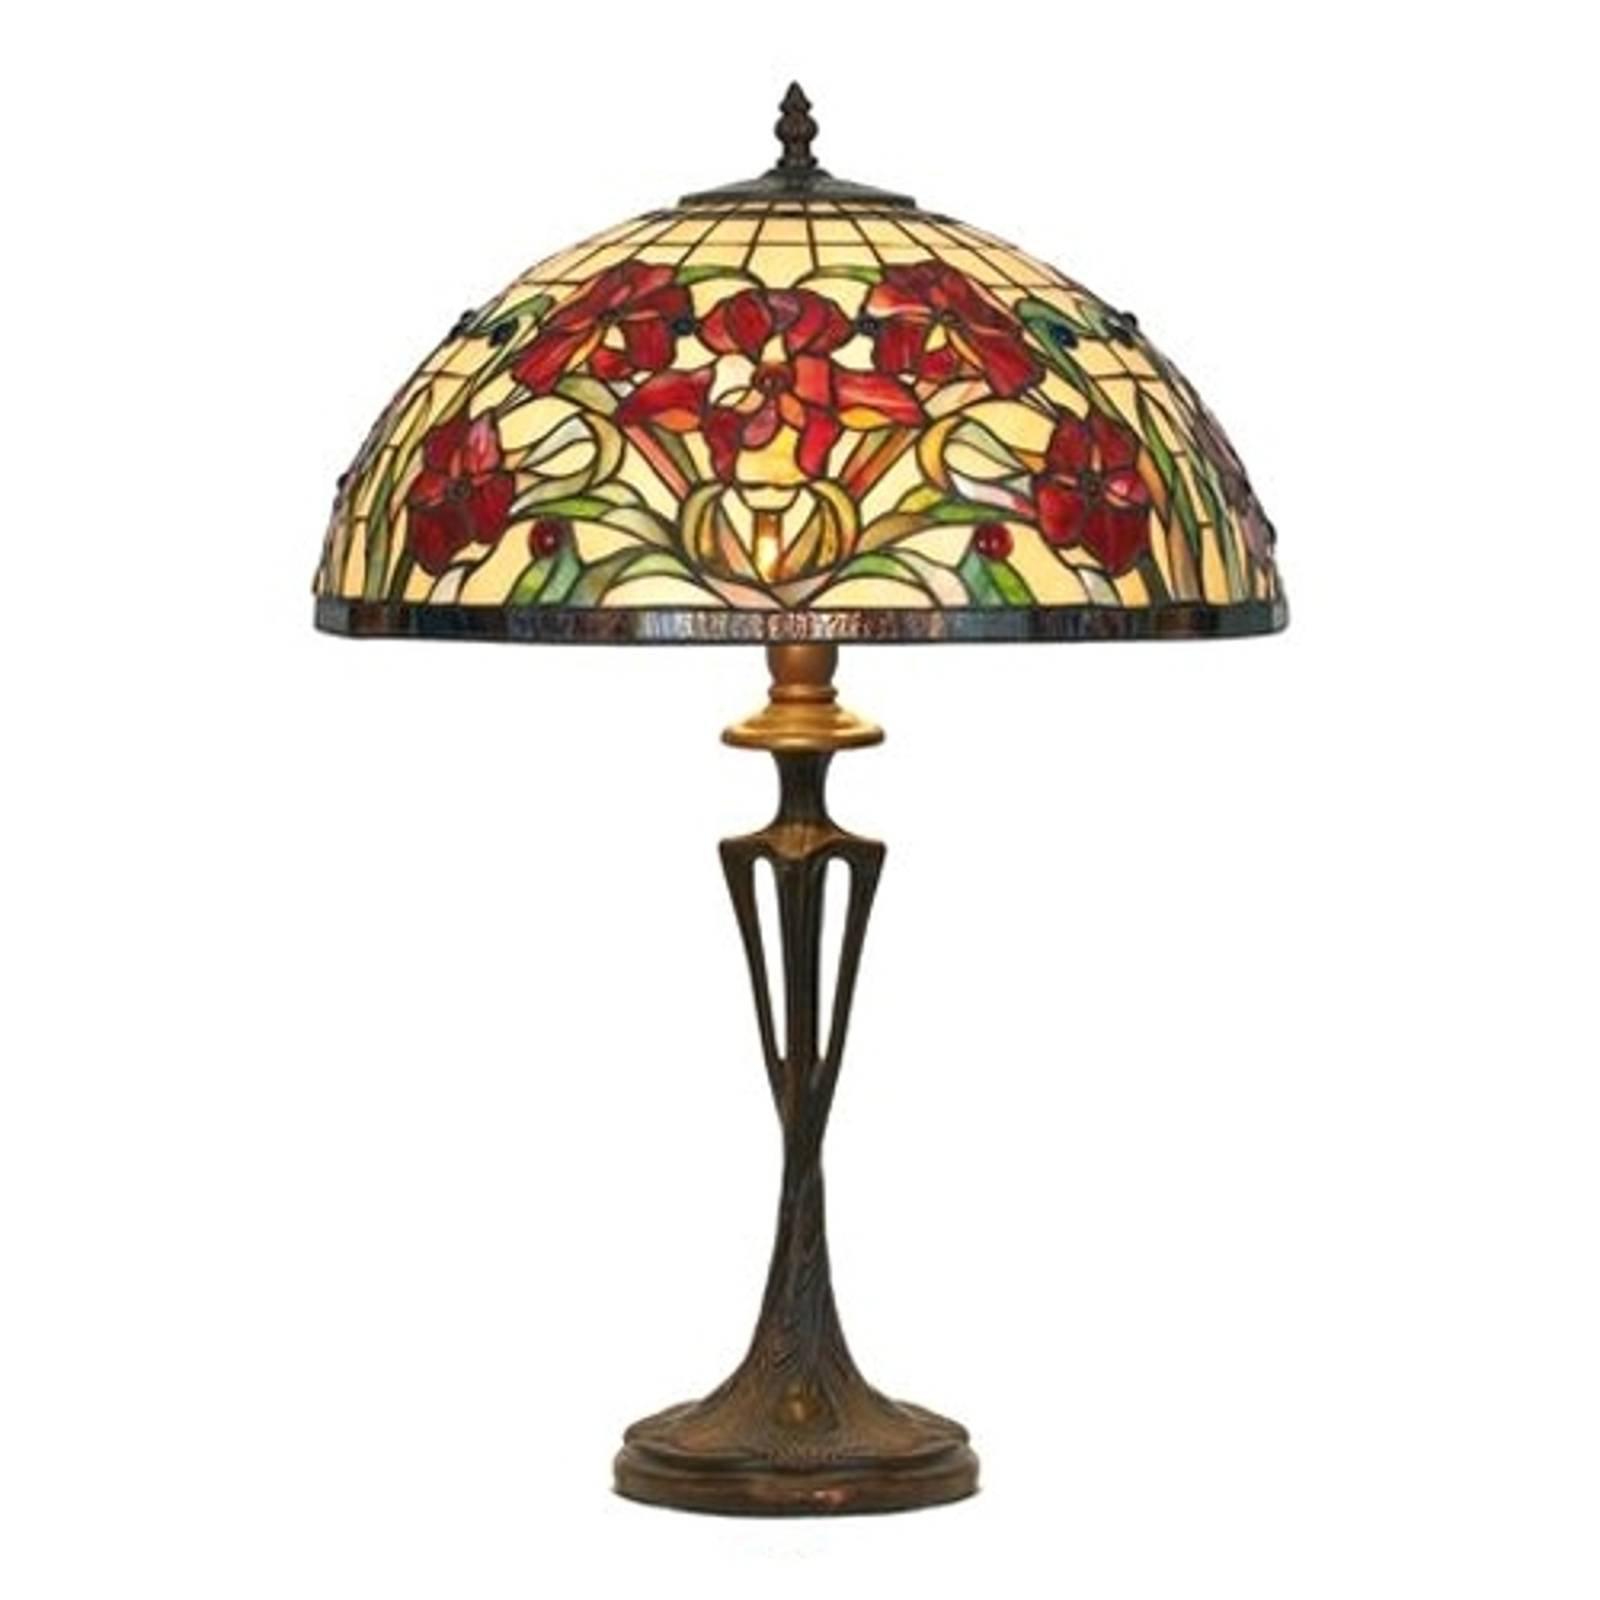 Eline bordlampe i Tiffany-stil